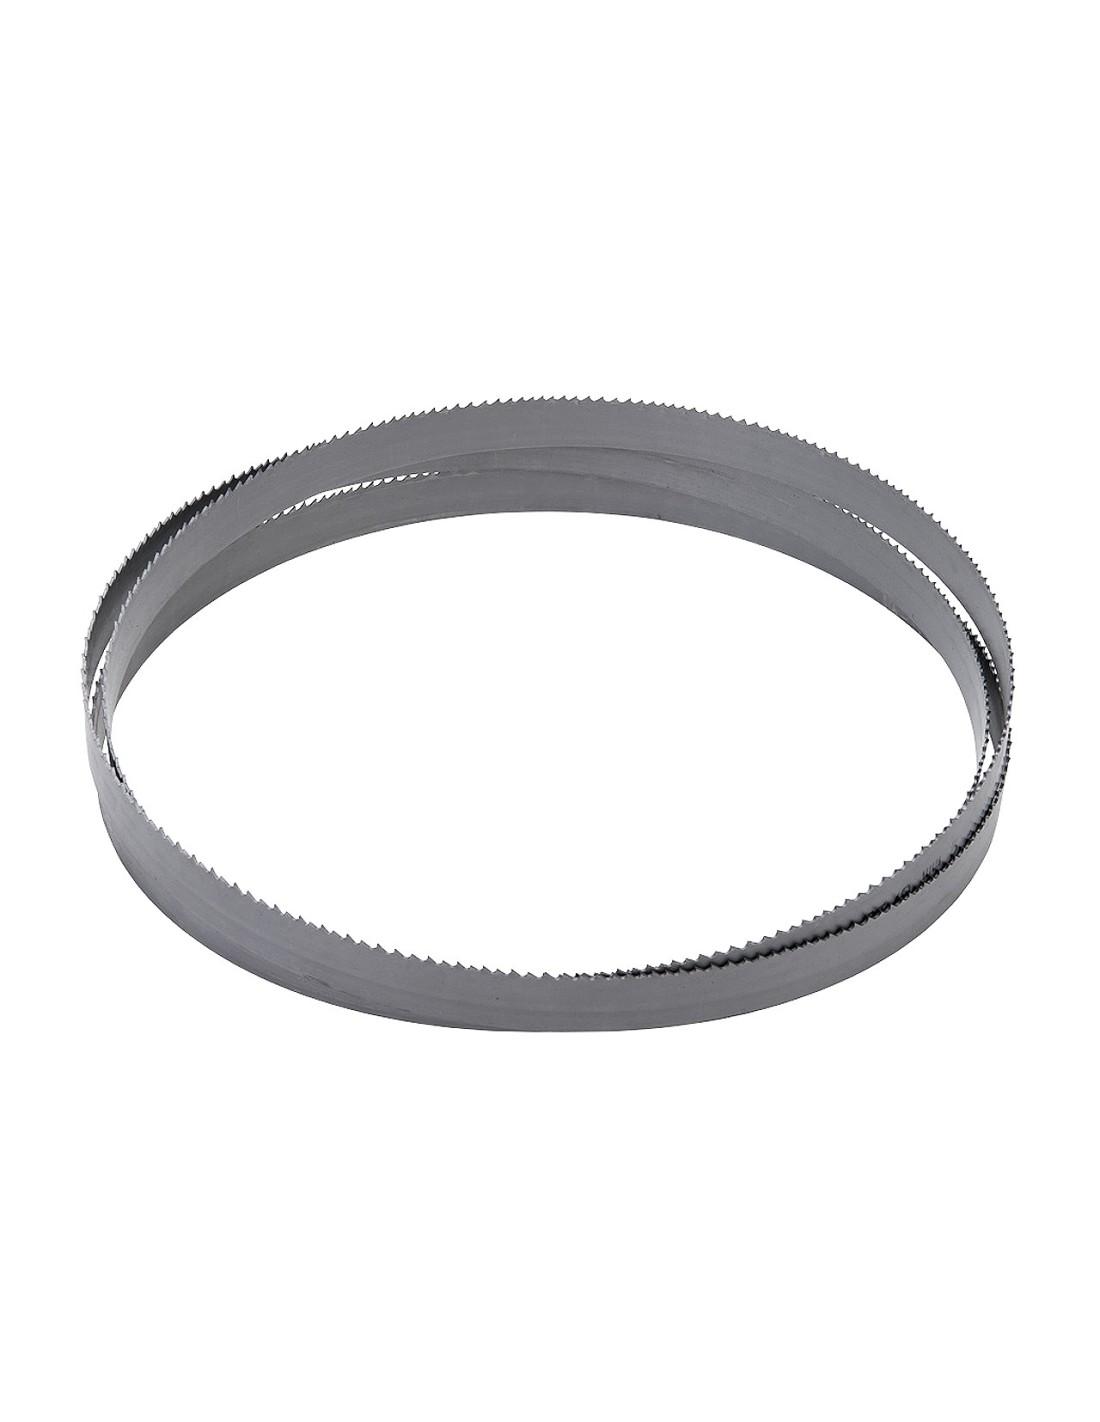 Panza pentru fierastrau cu banda M42 Bi-Metal 1140 x 12,70 x 0,64 mm - 8/12 TPI